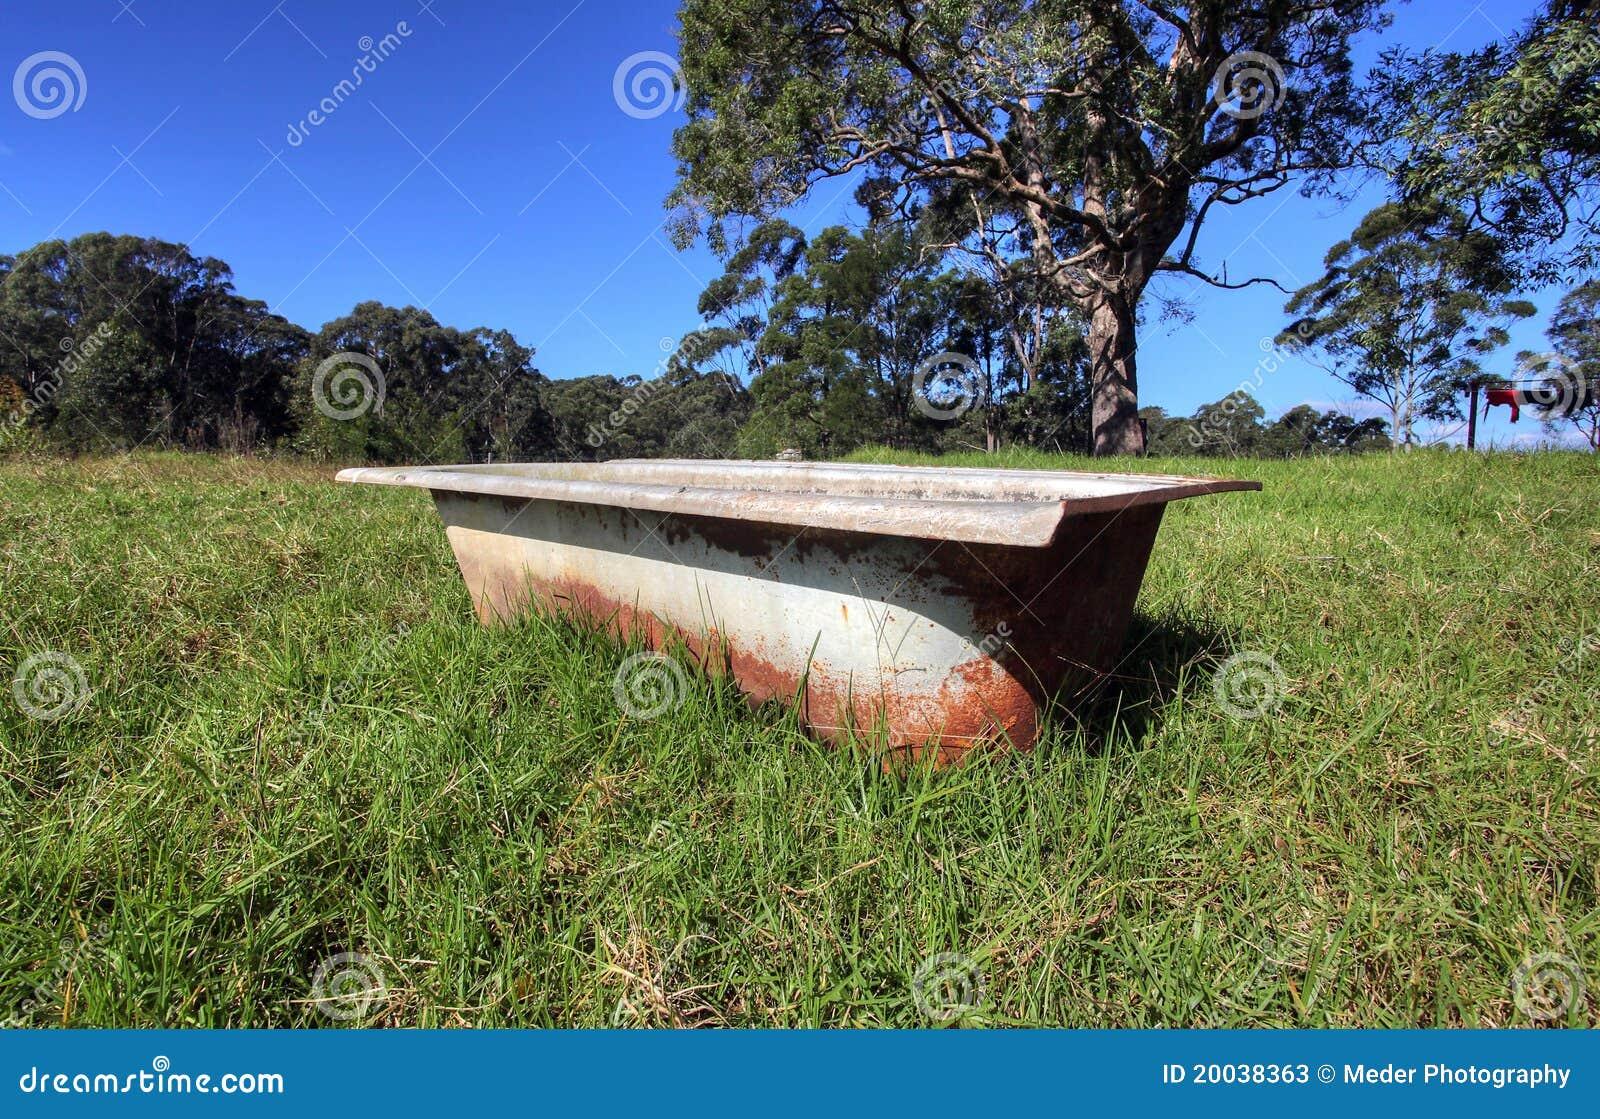 Vasca Da Bagno Arrugginita : Vasca da bagno immagine stock immagine di rubinetti